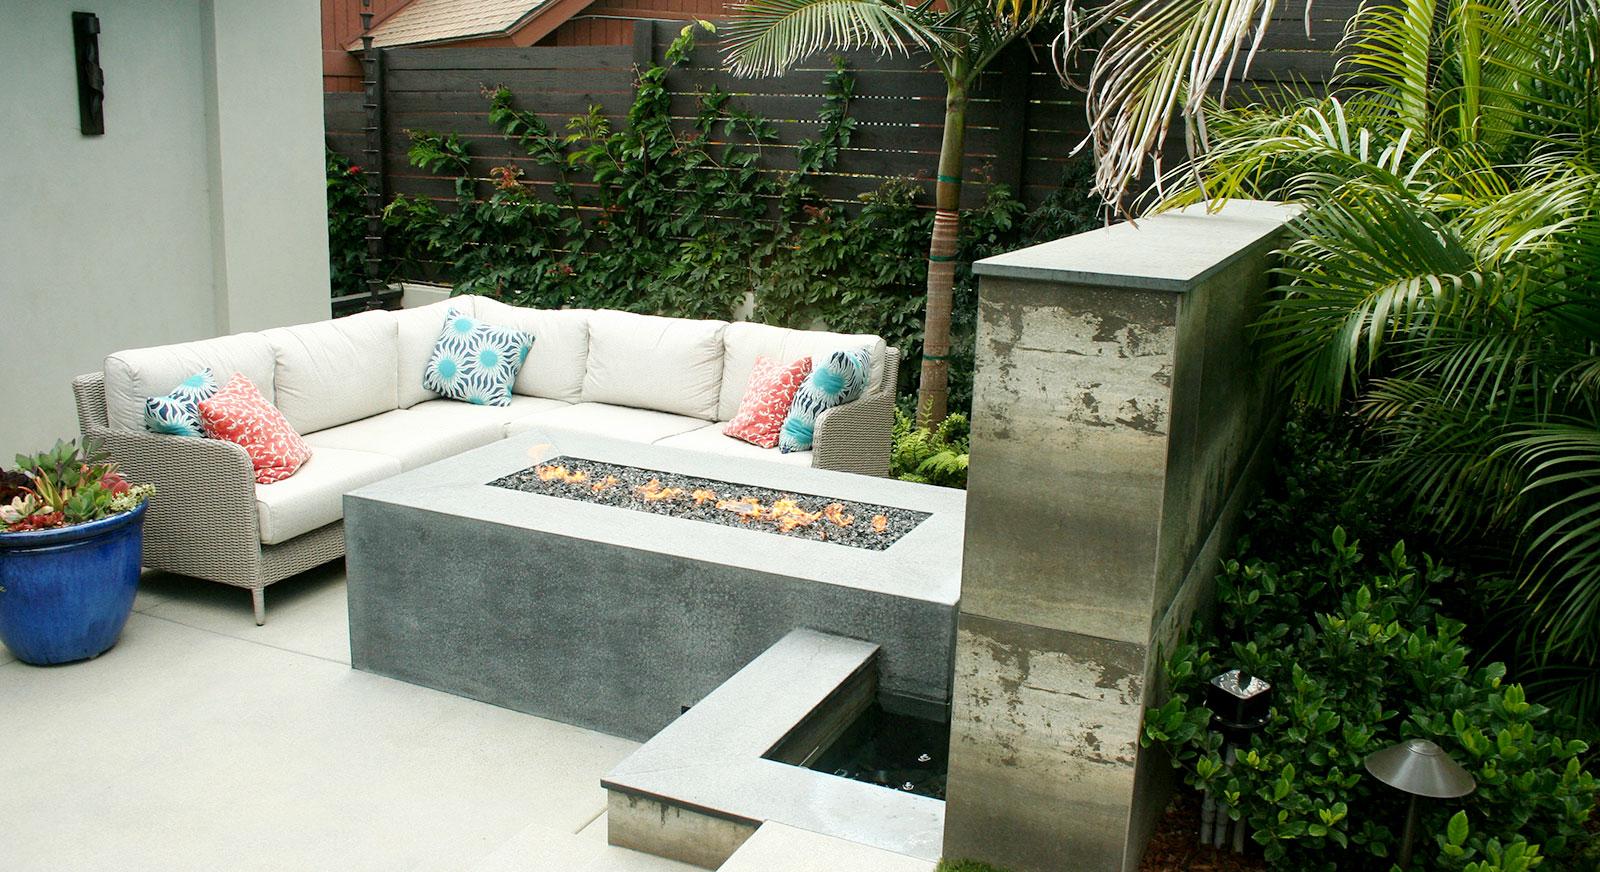 Cross Construction Inc. Fire element. Basalt. Outdoor couch